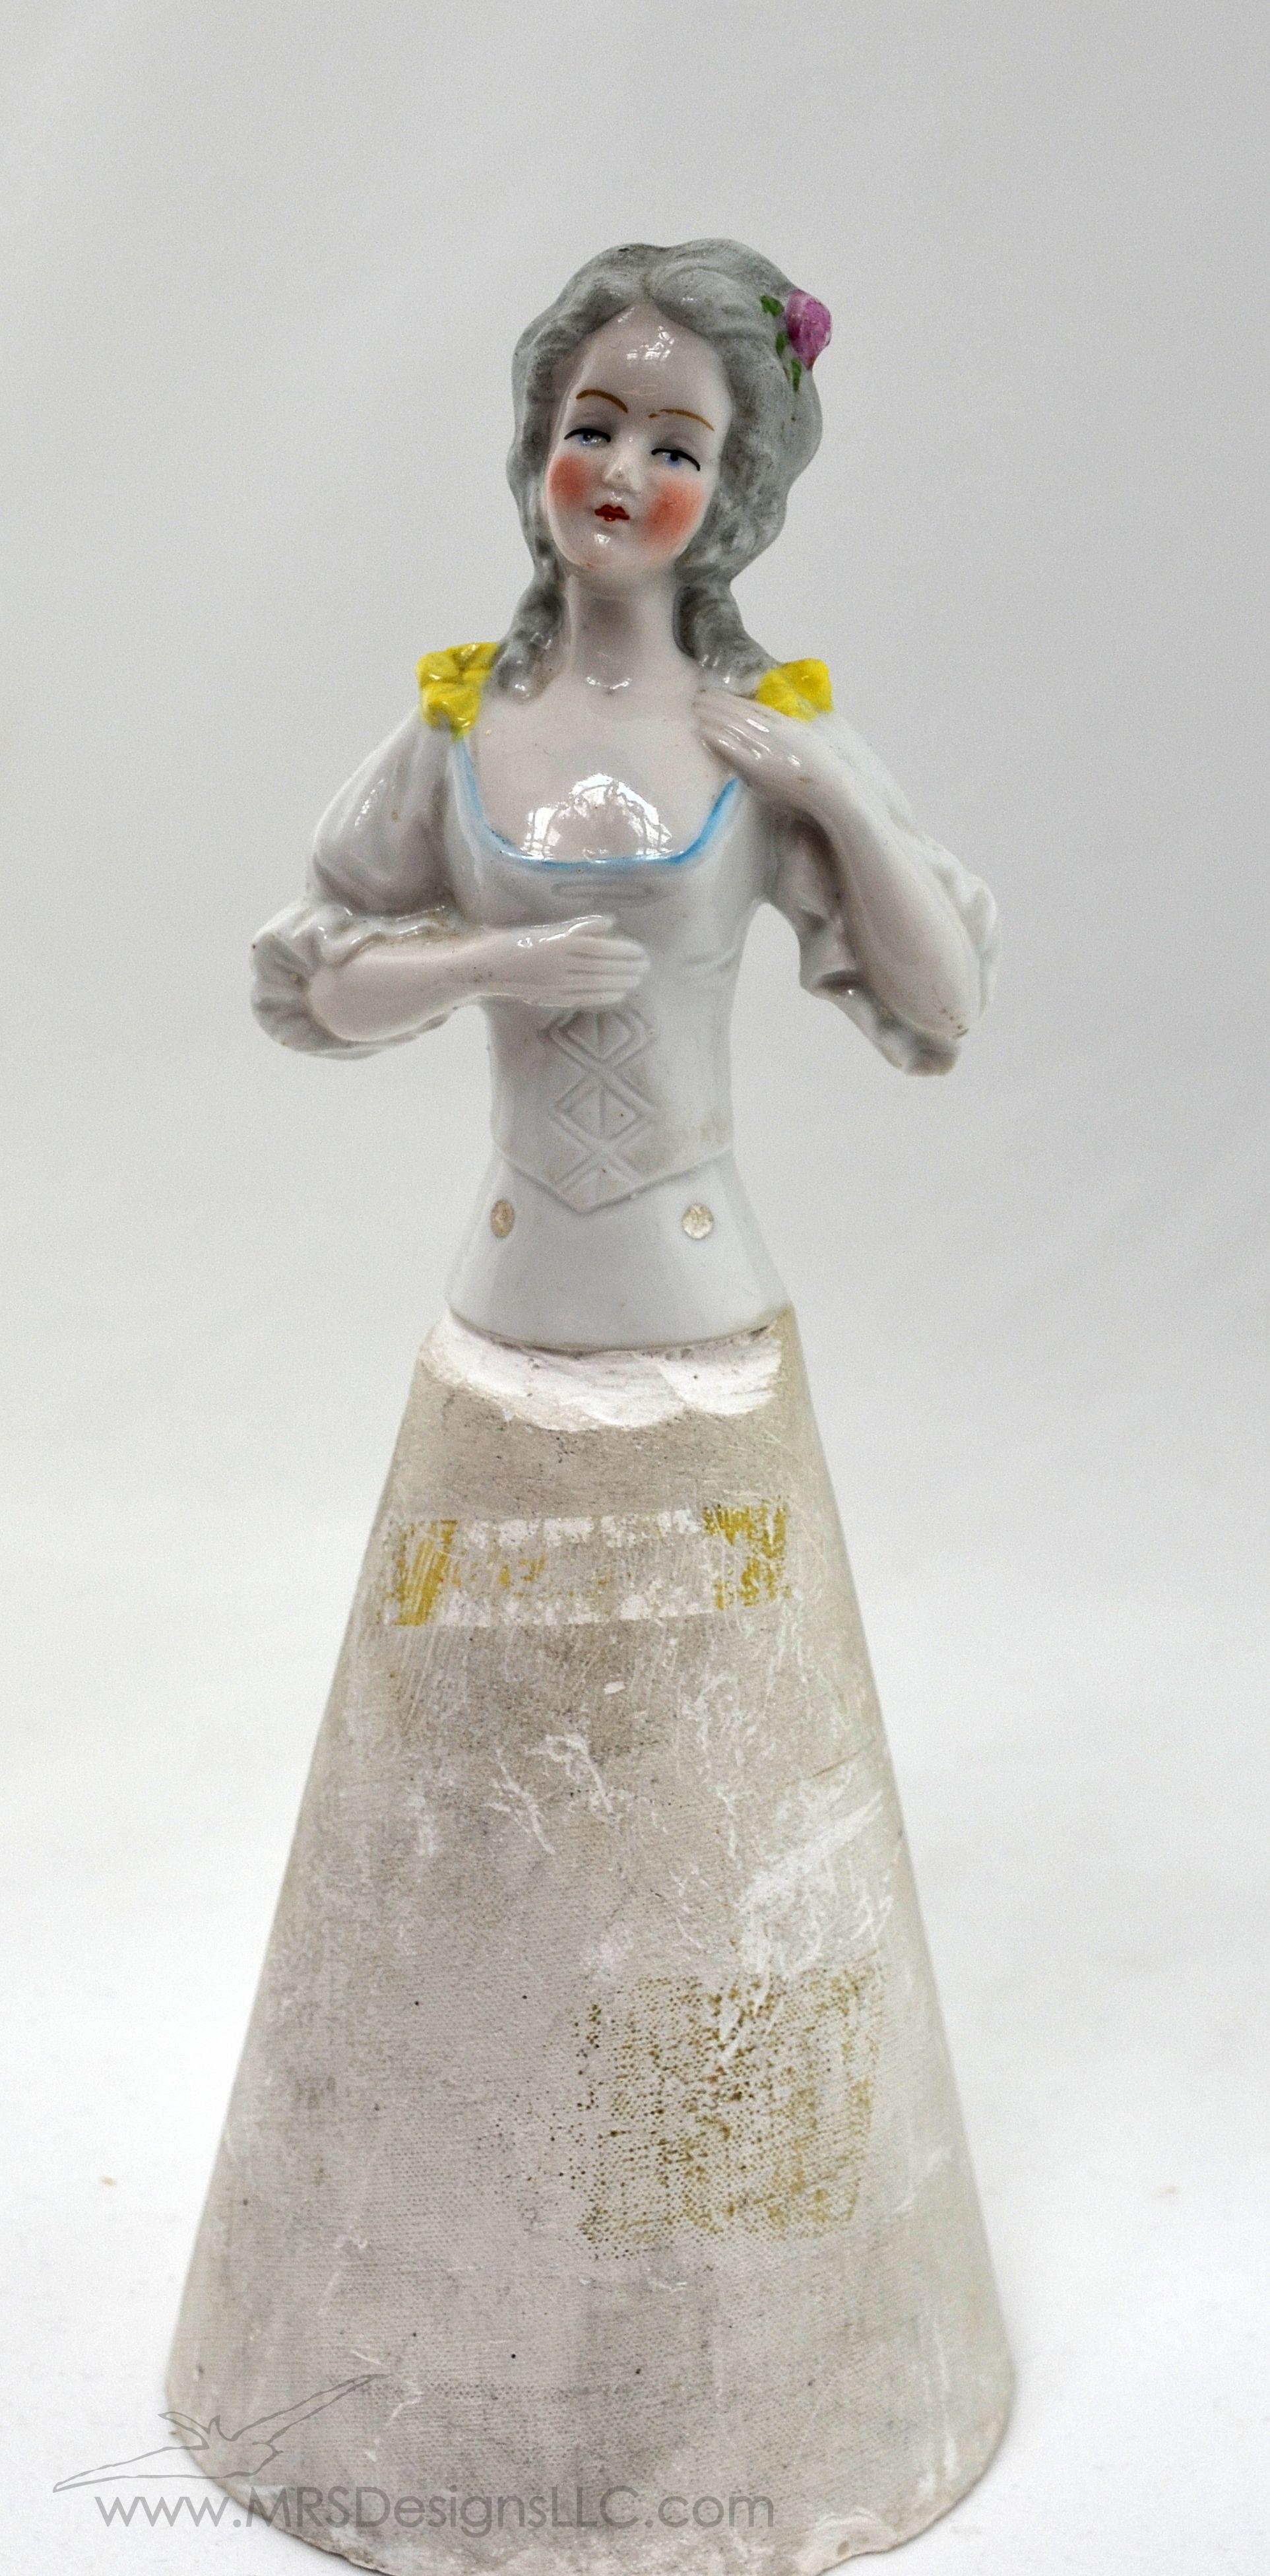 MRS Designs Blog - Vintage Half Dolls with Plaster Bottom